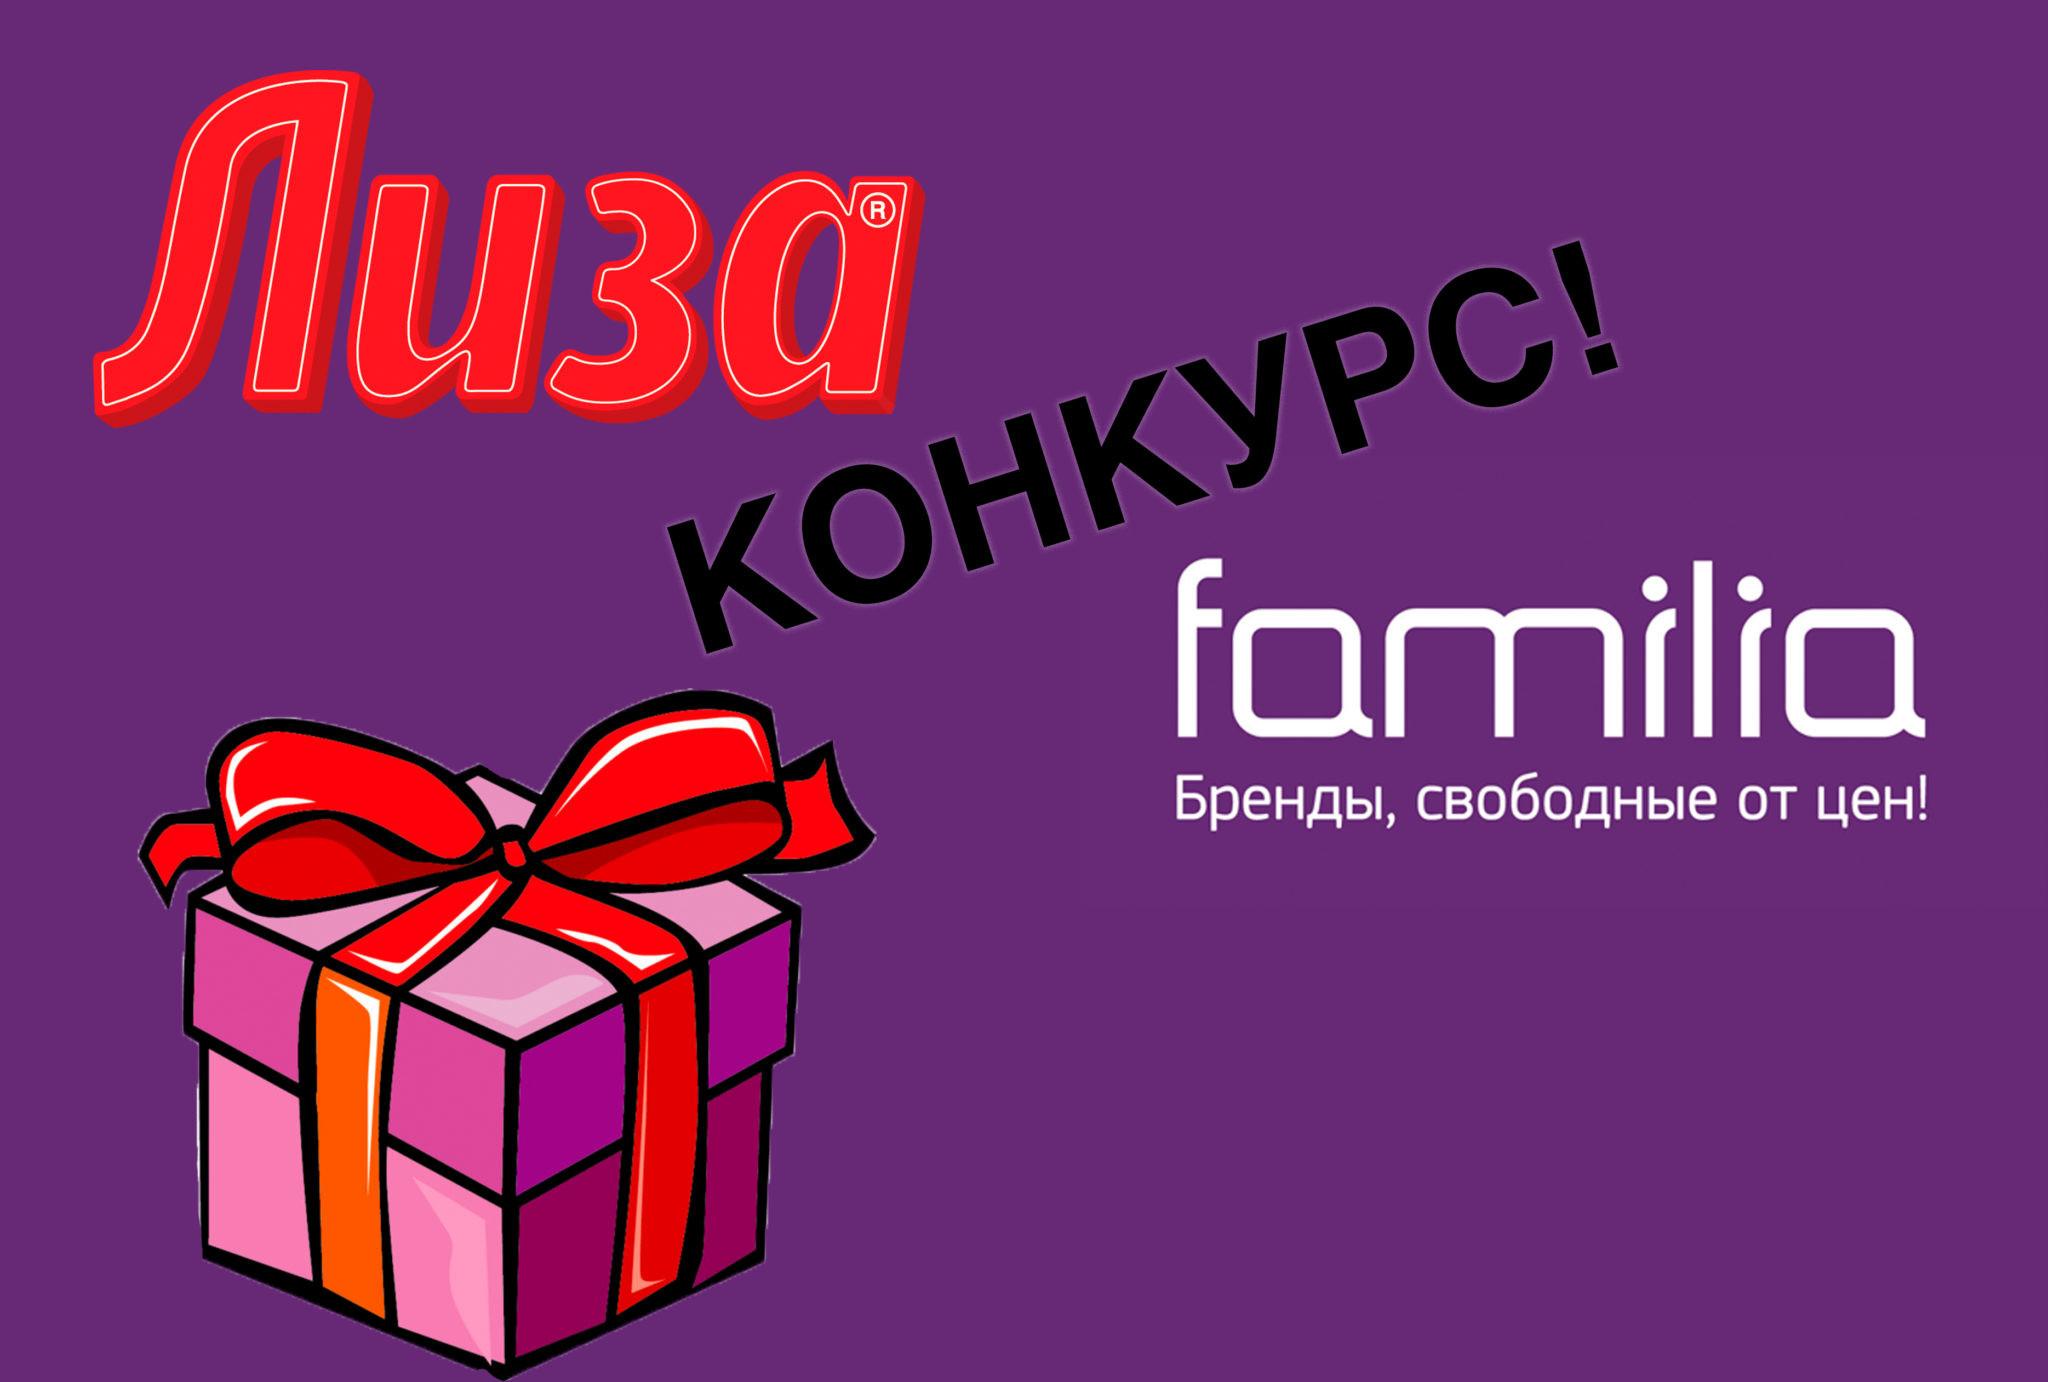 Конкурс журнала «Лиза» и сети магазинов Familia